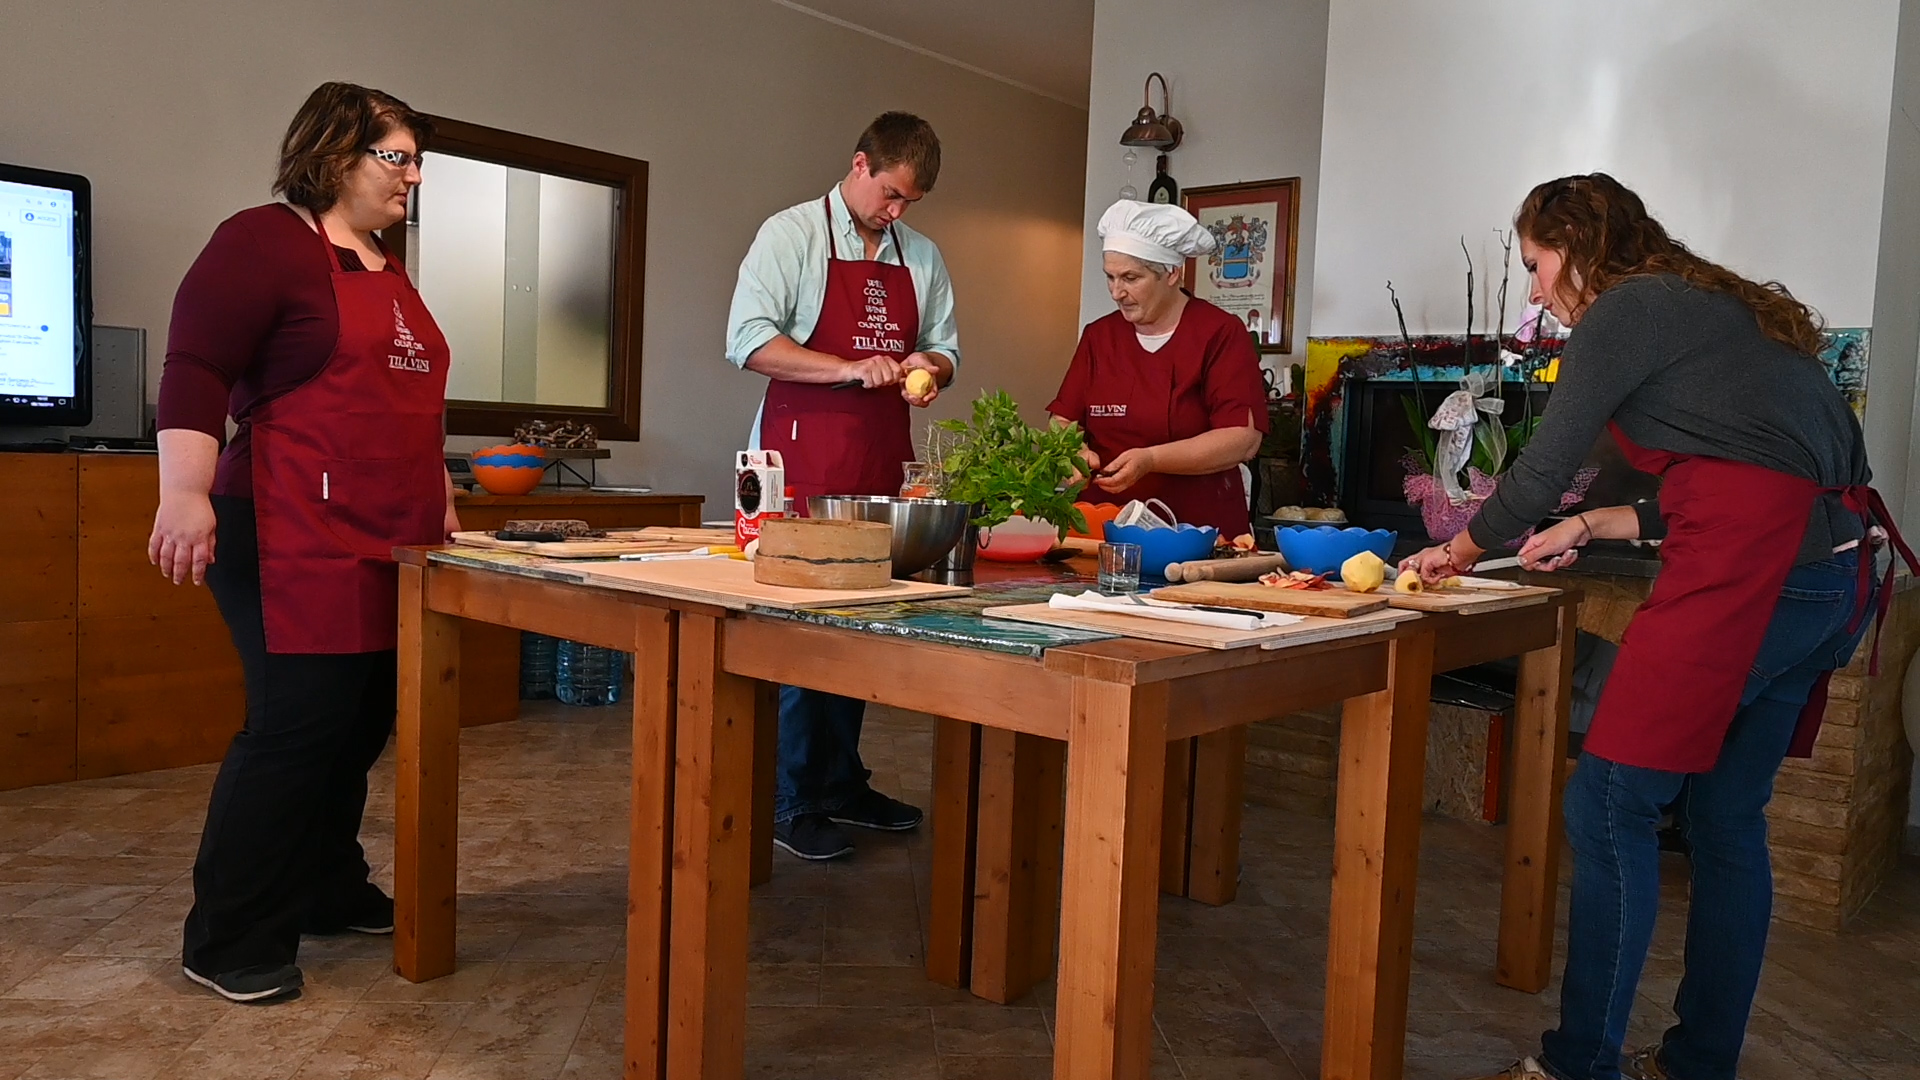 Esperienza sensoriale Assisi Tili Vini - Lezioni di cucina Umbra 15